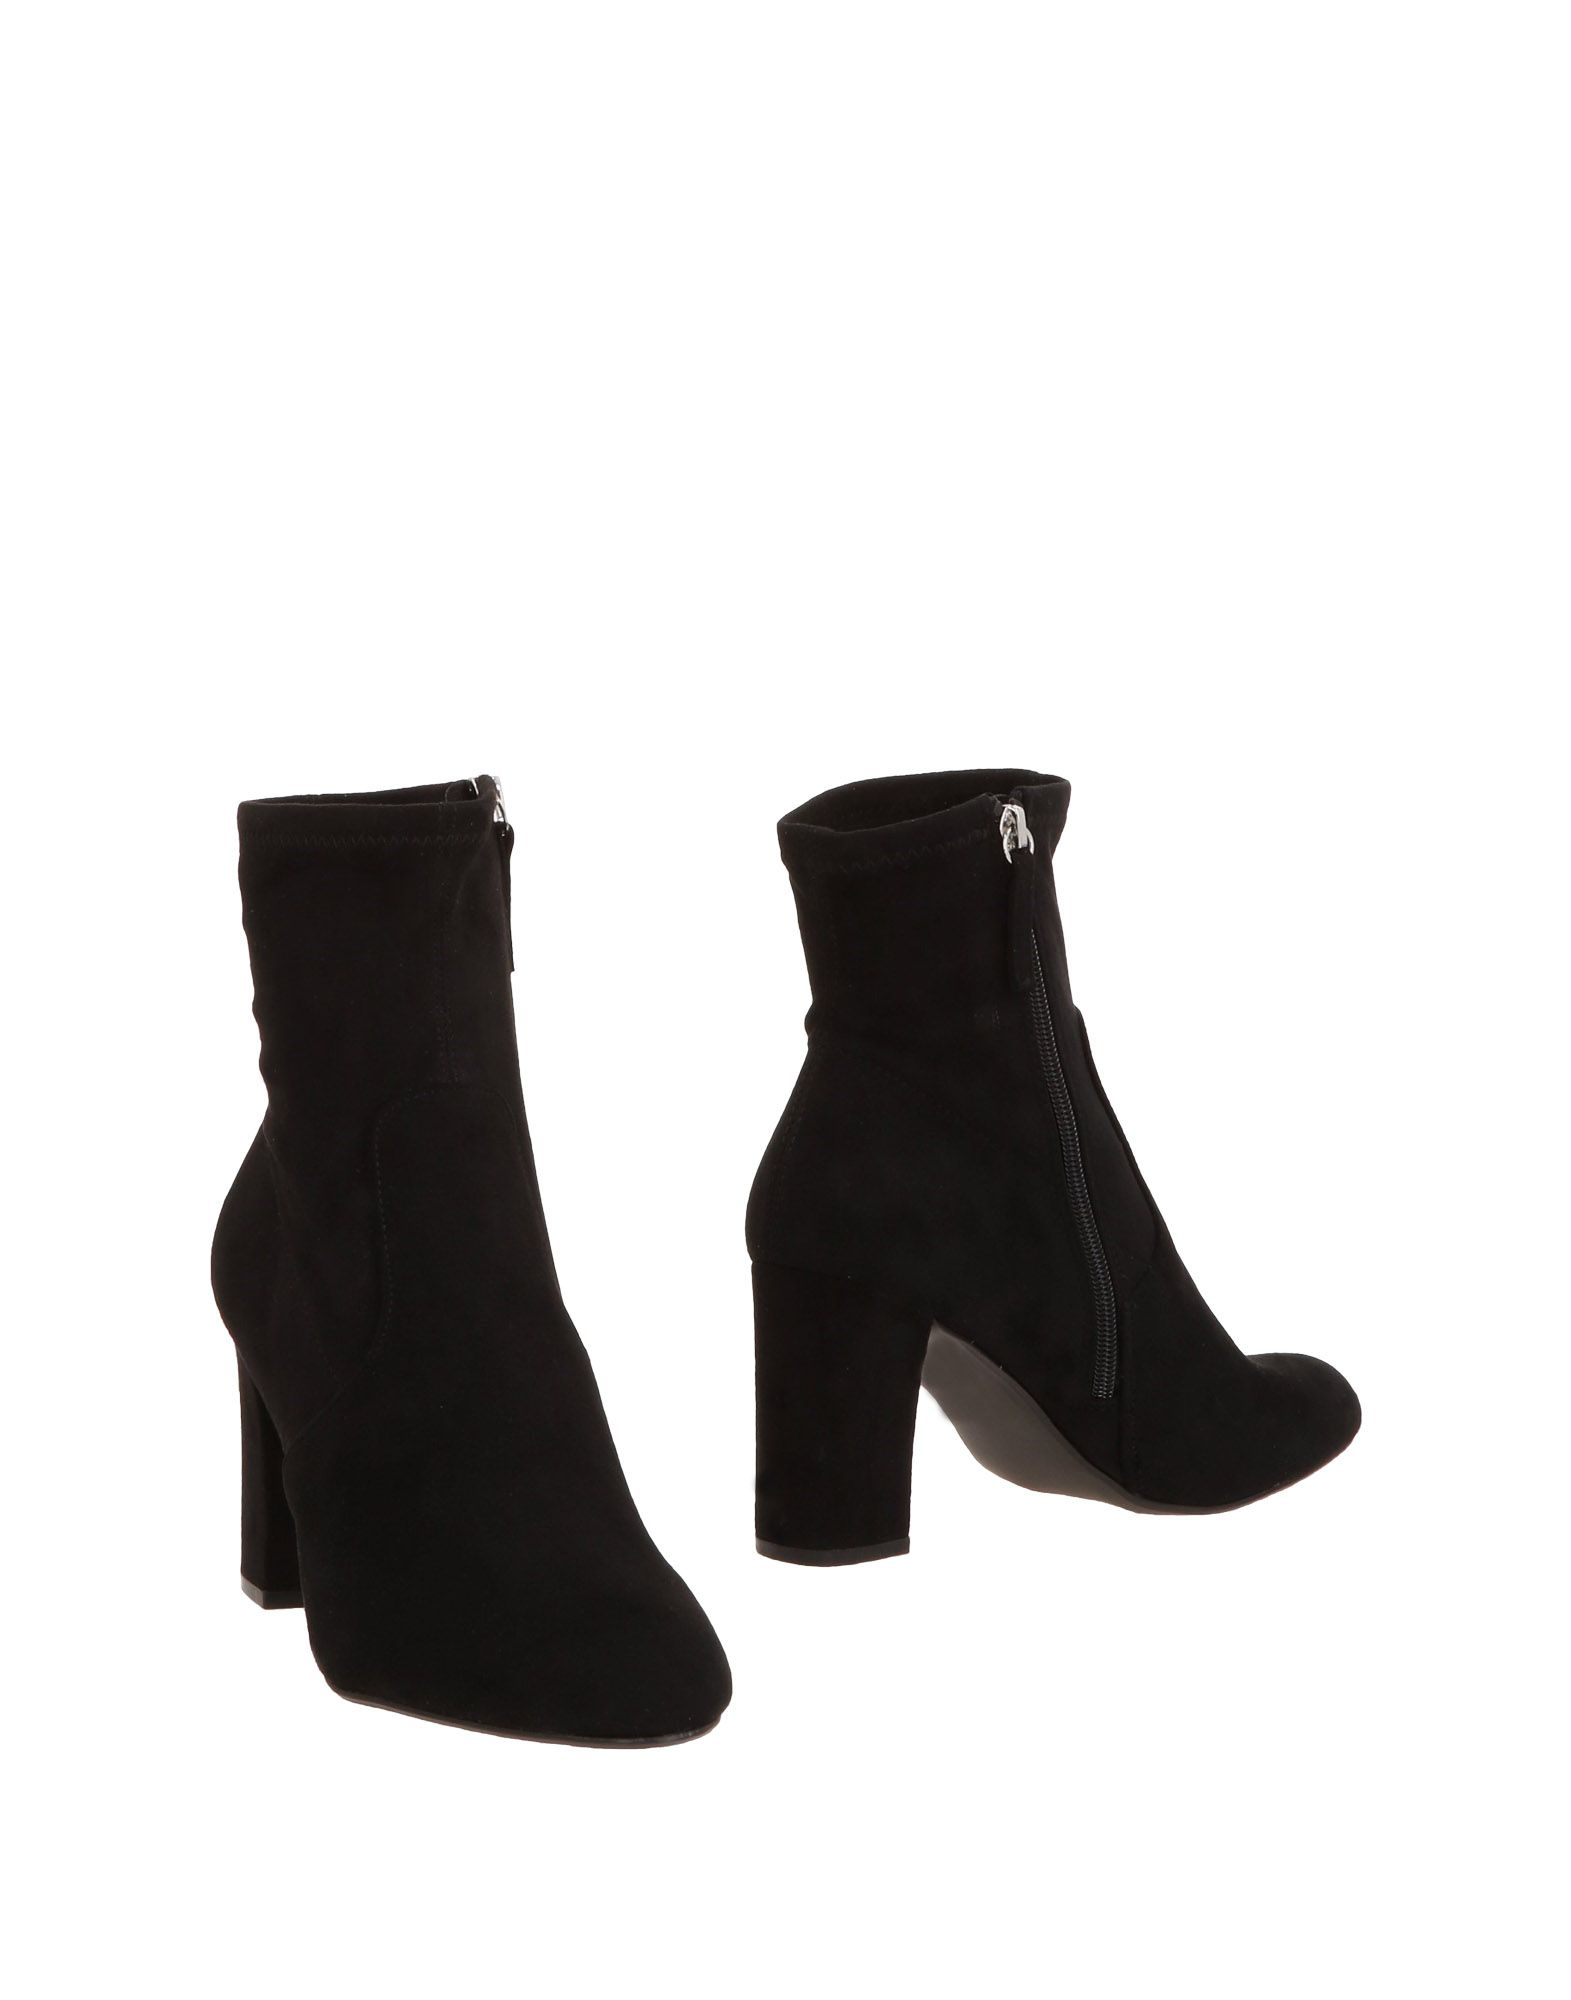 Steve Madden 11472302FB Stiefelette Damen  11472302FB Madden Gute Qualität beliebte Schuhe c7daba